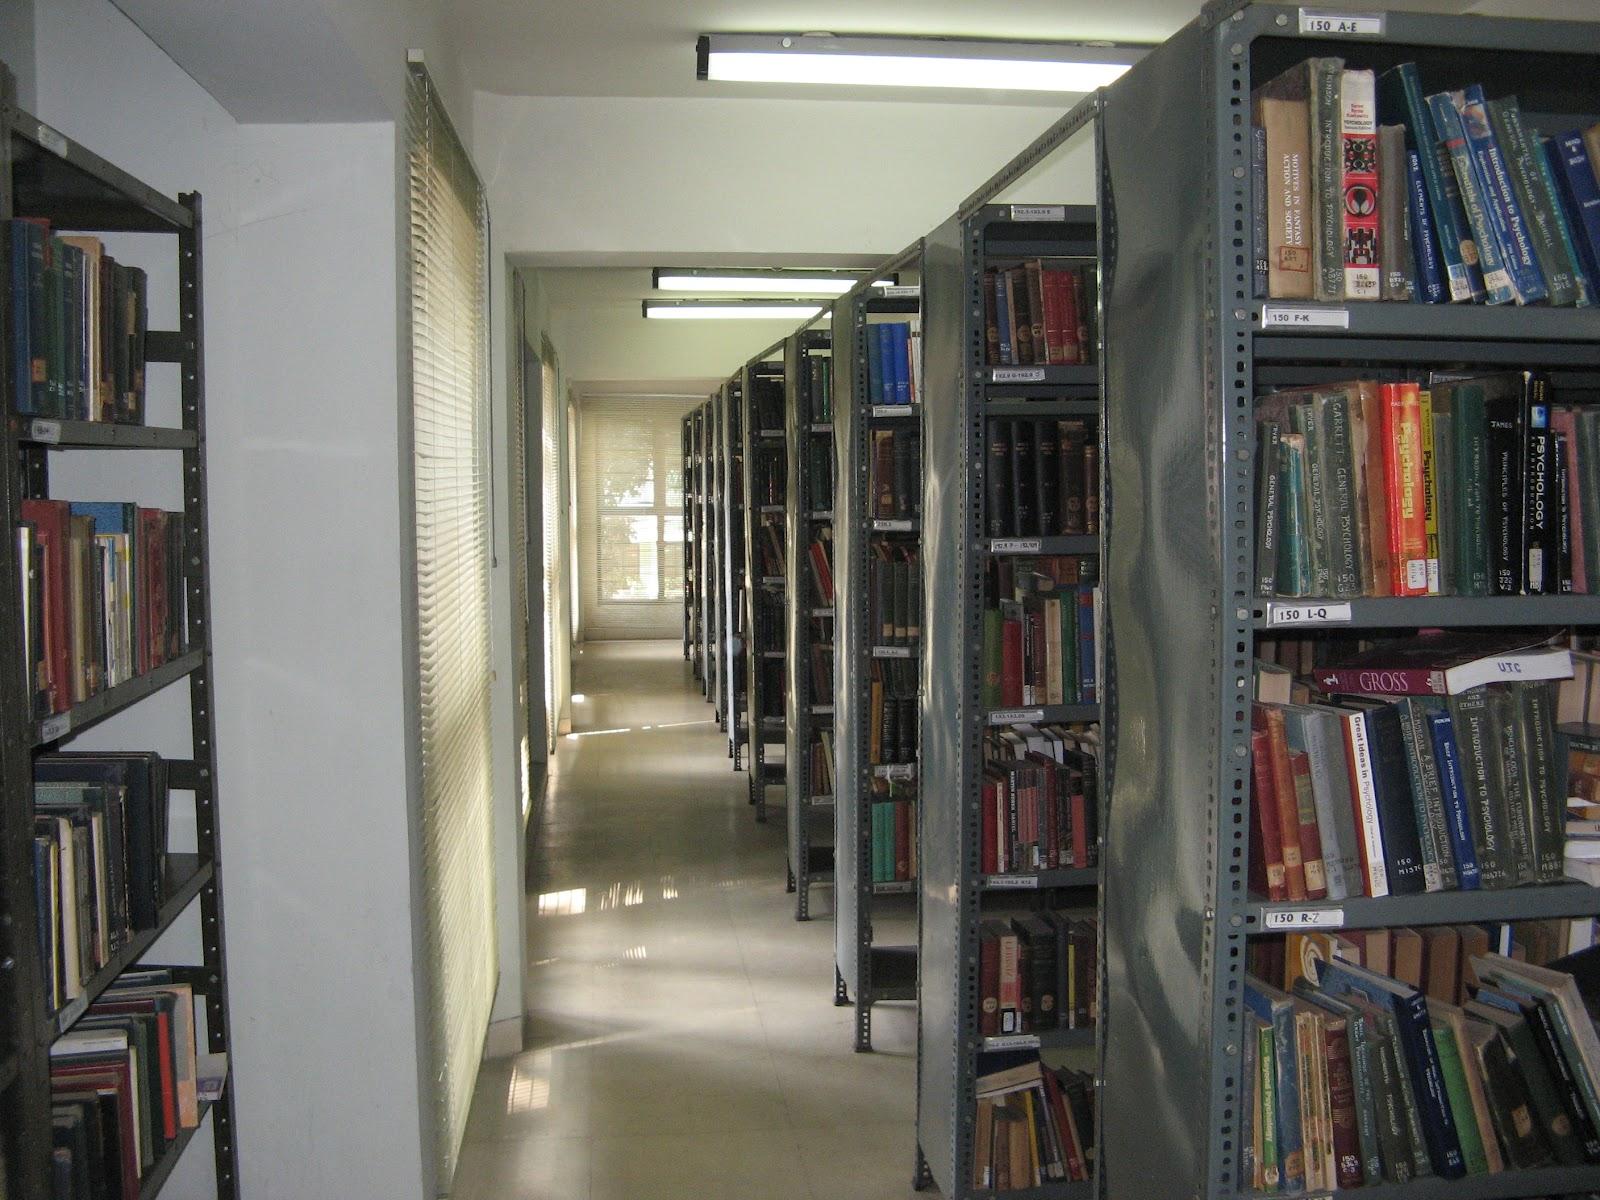 Book Rooms Ut Ausitn